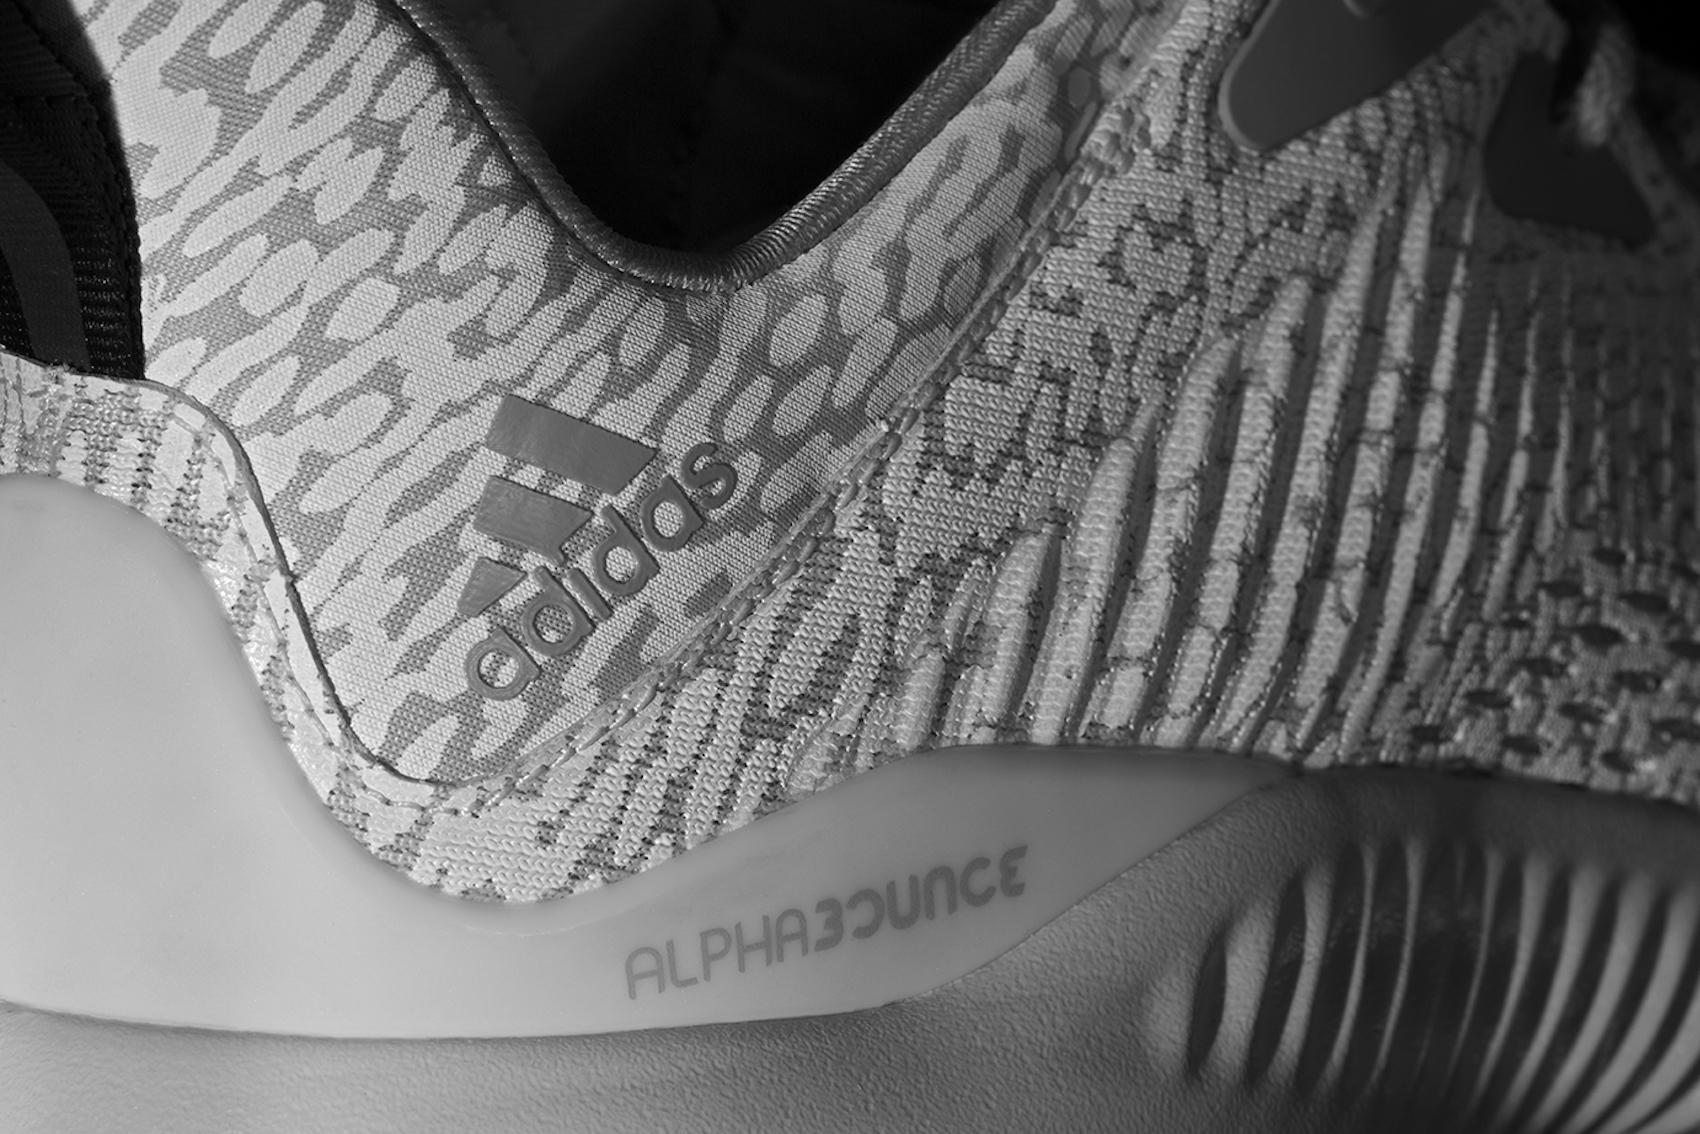 adidas alphabounce ams 18 detail